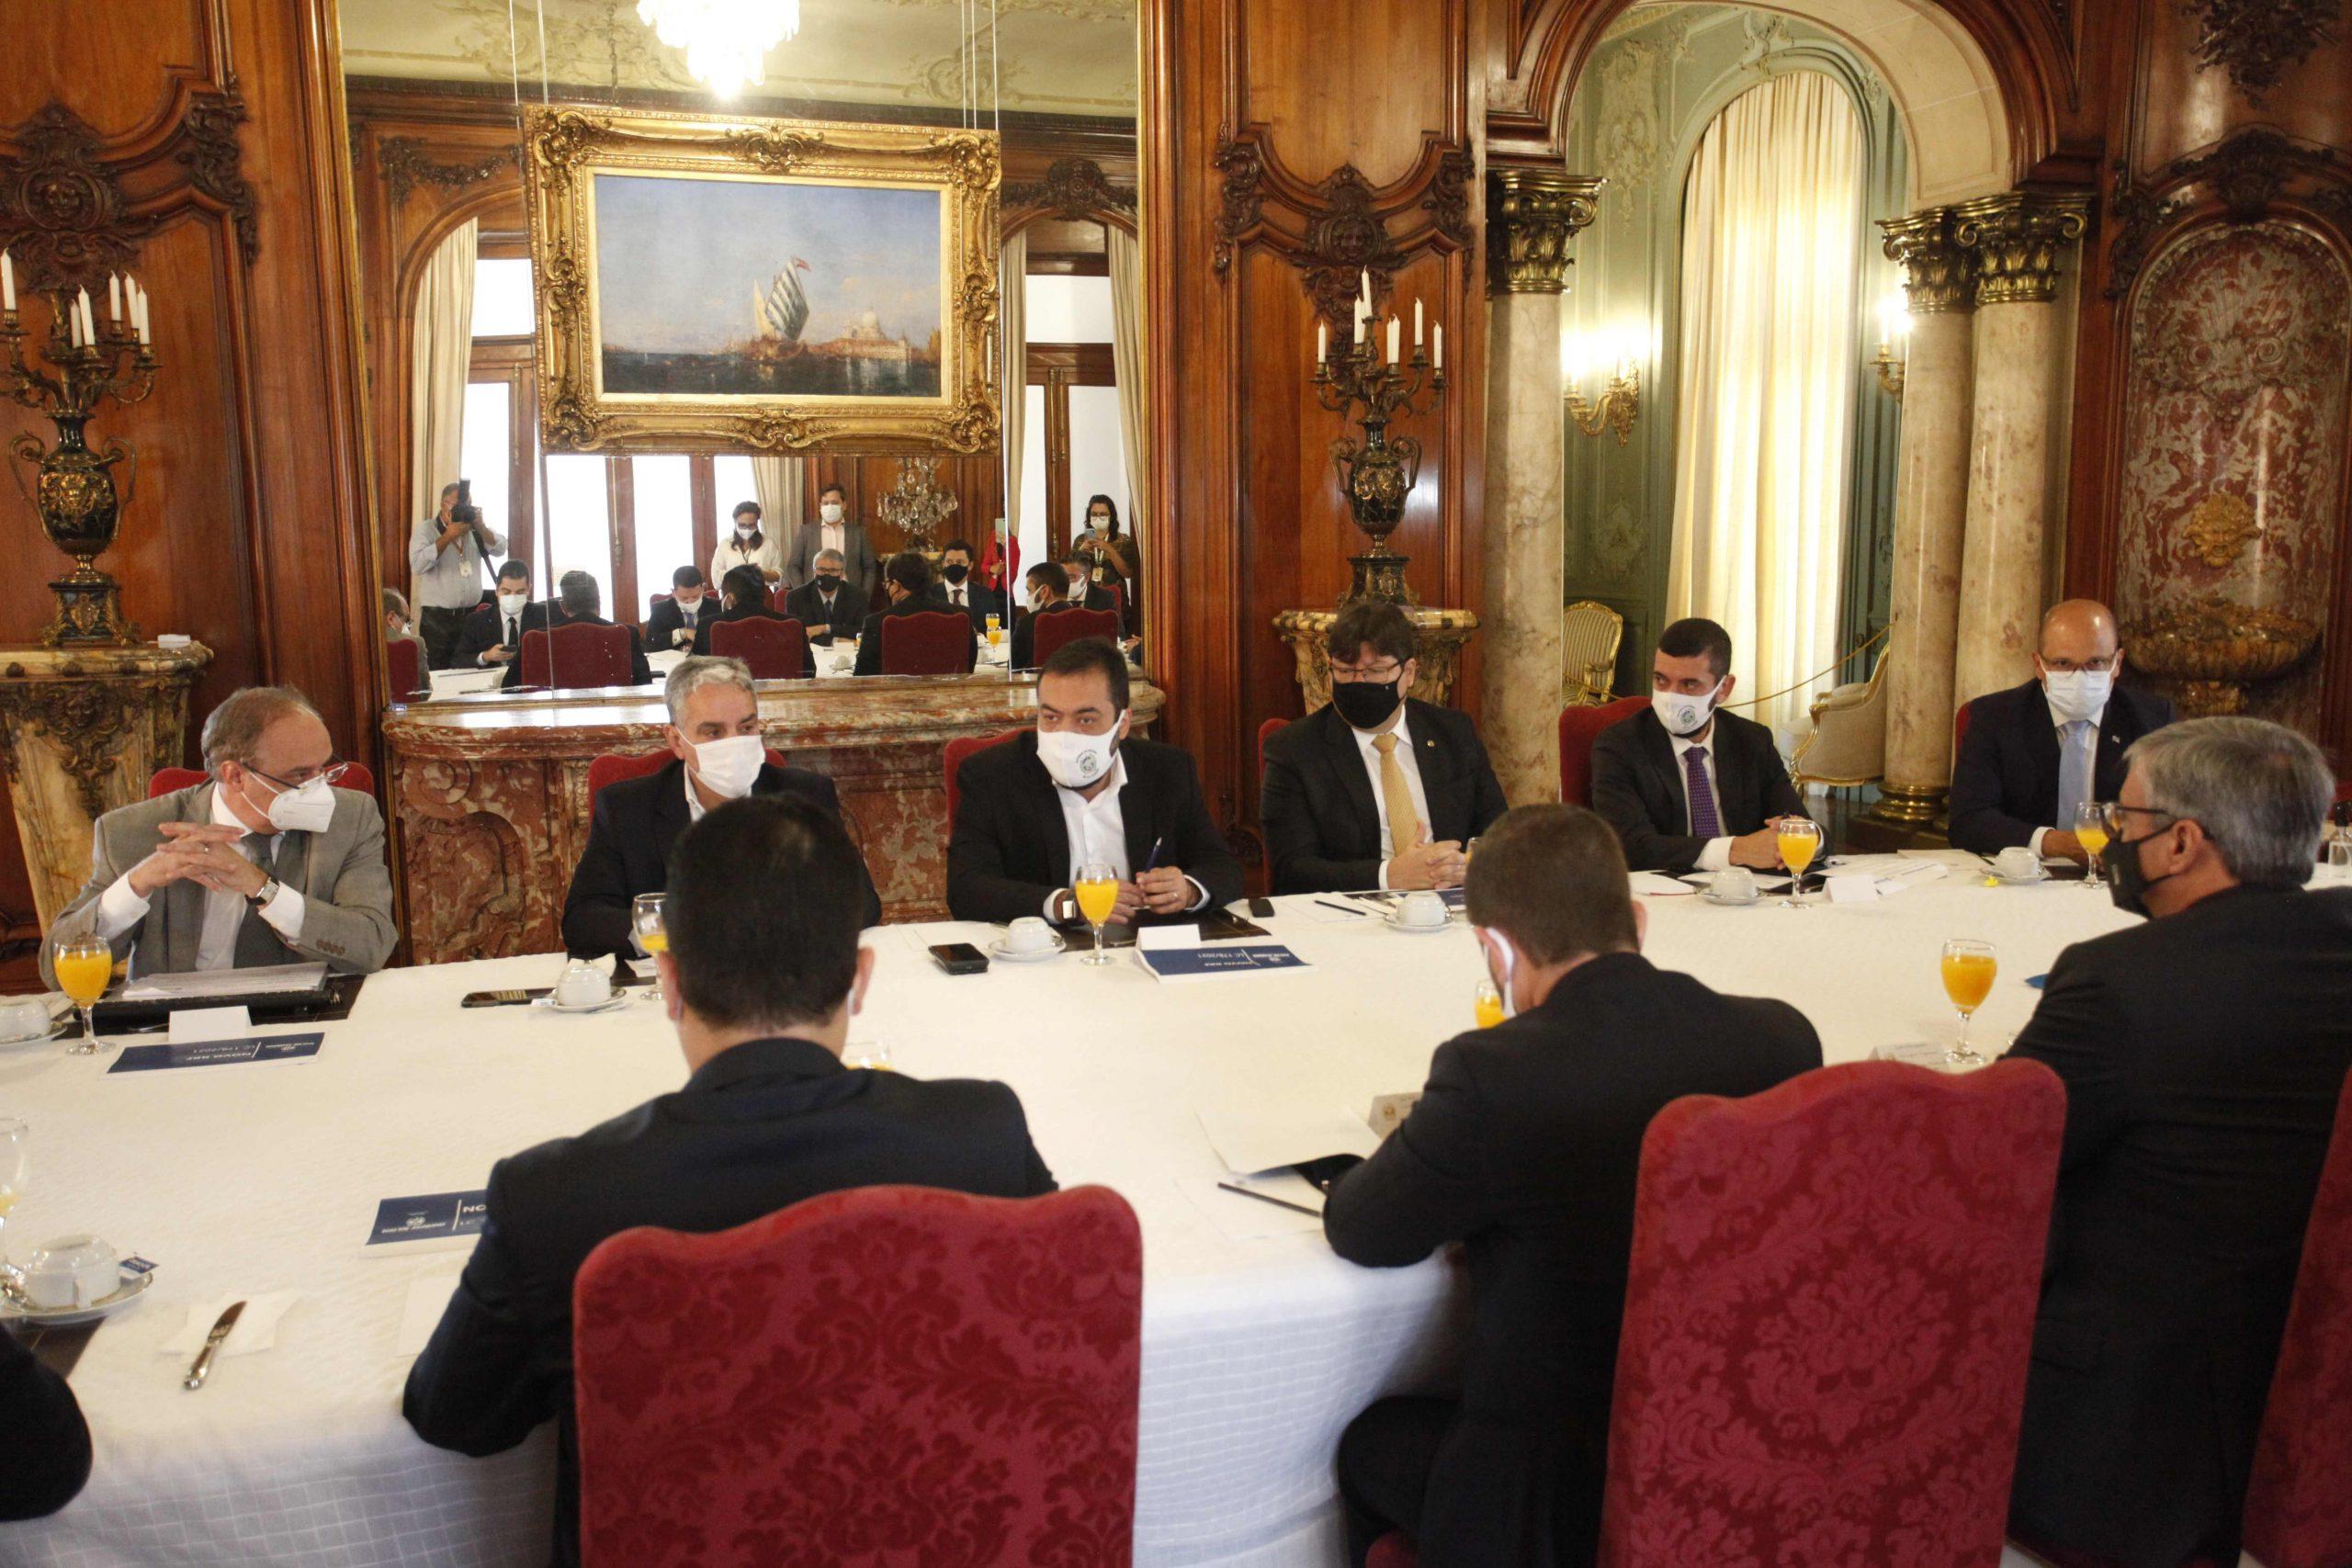 Estado entrega à Alerj medidas para aderir ao Regime de Recuperação Fiscal